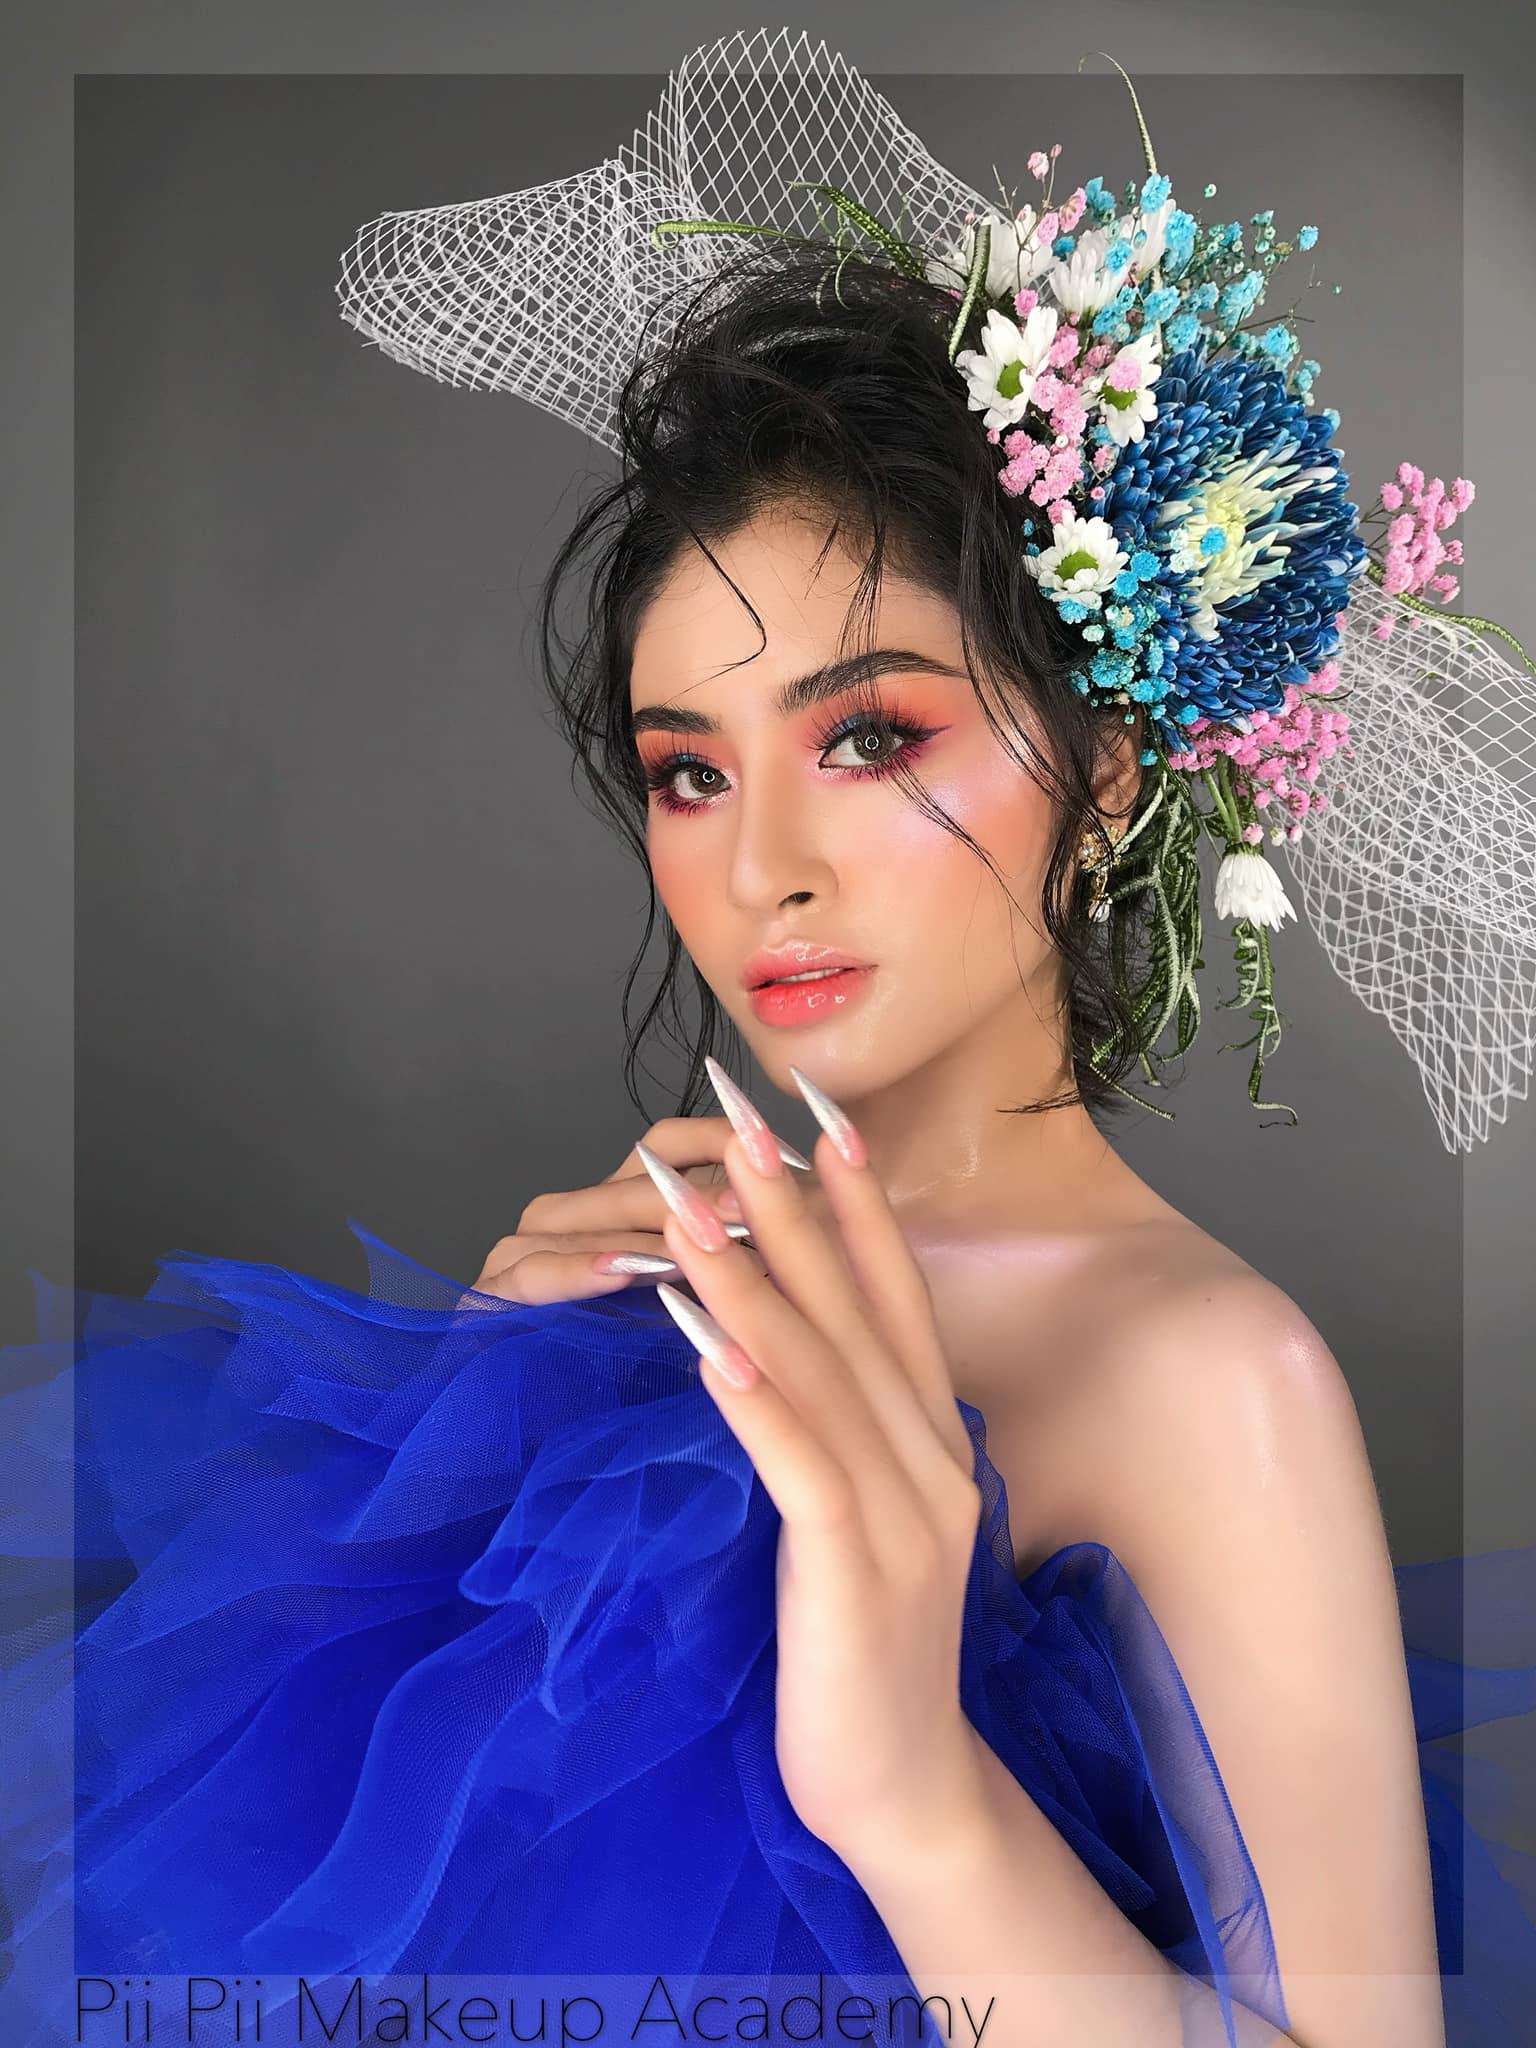 Top 7 tiệm trang điểm cô dâu đẹp nhất tại Long An -  Pii Make Up